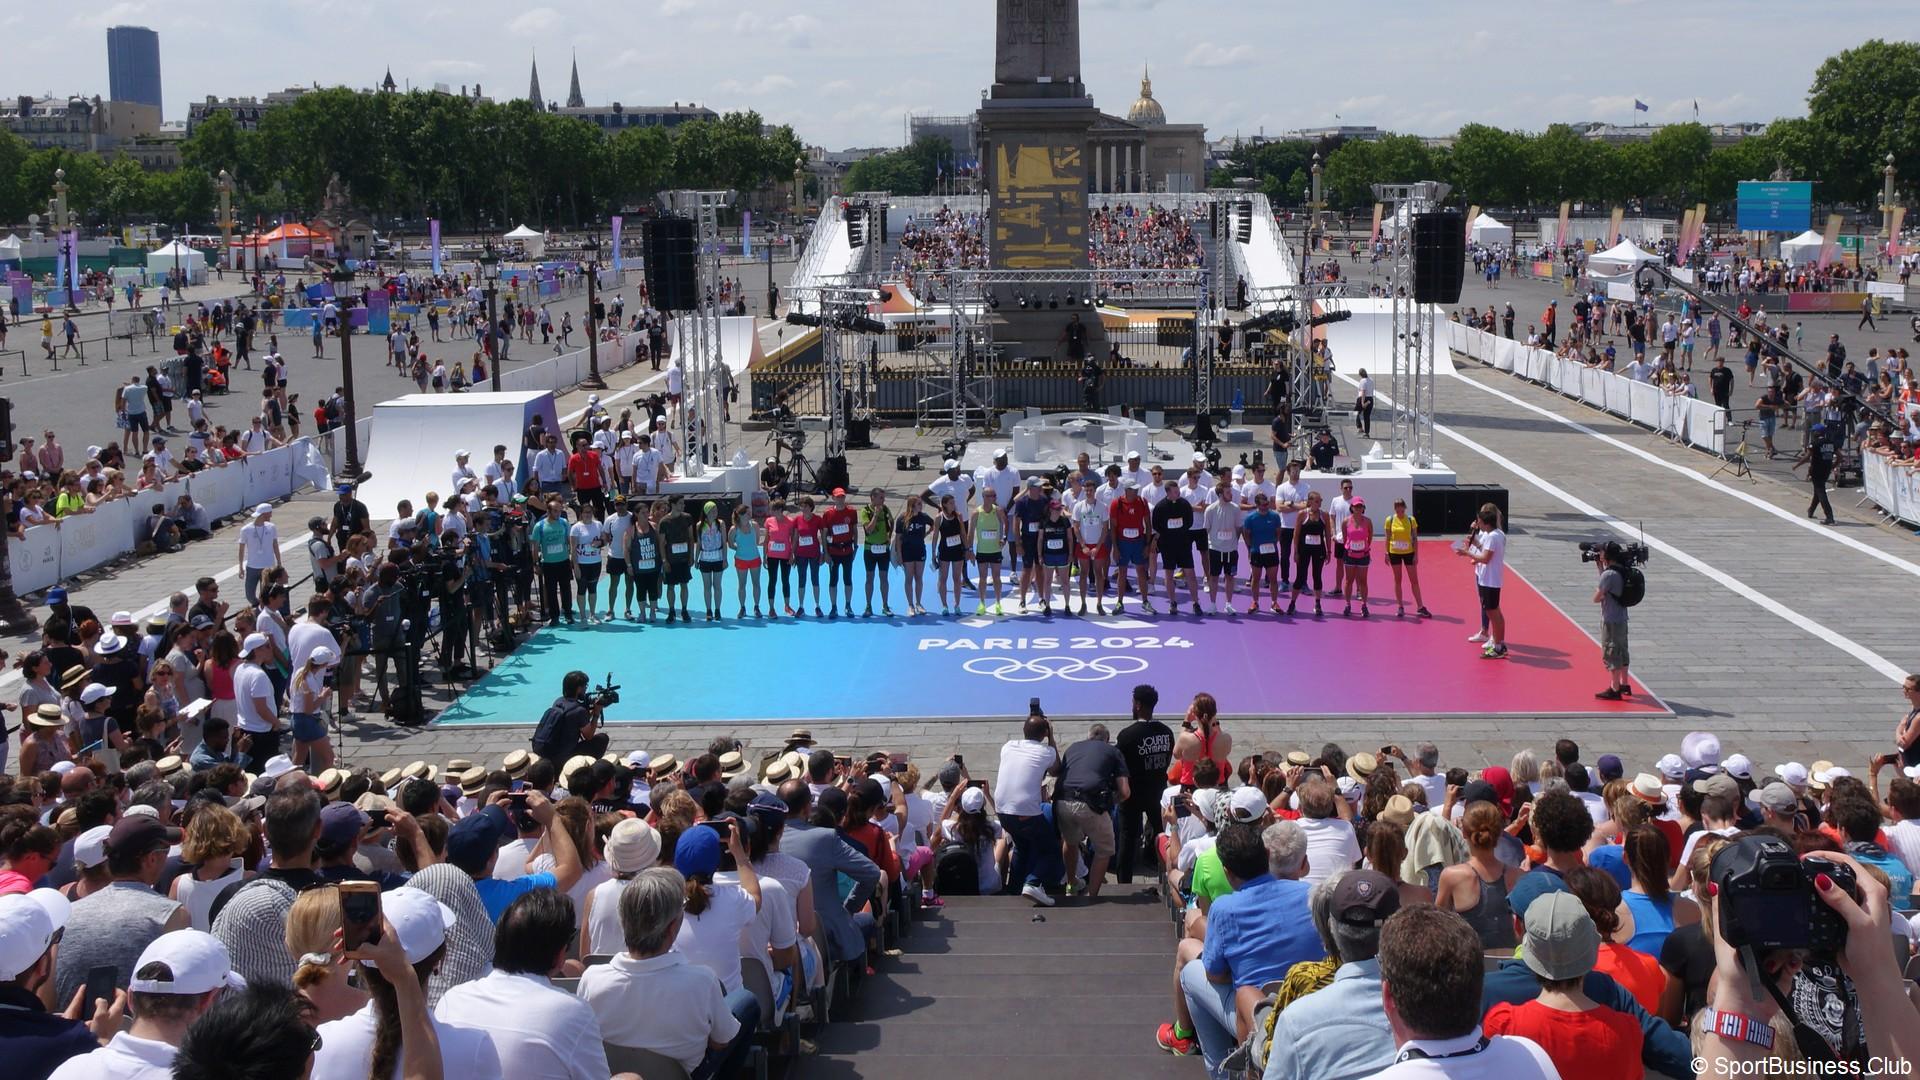 Paris 2024 – Journées Olympiques 2019 (5) Concorde